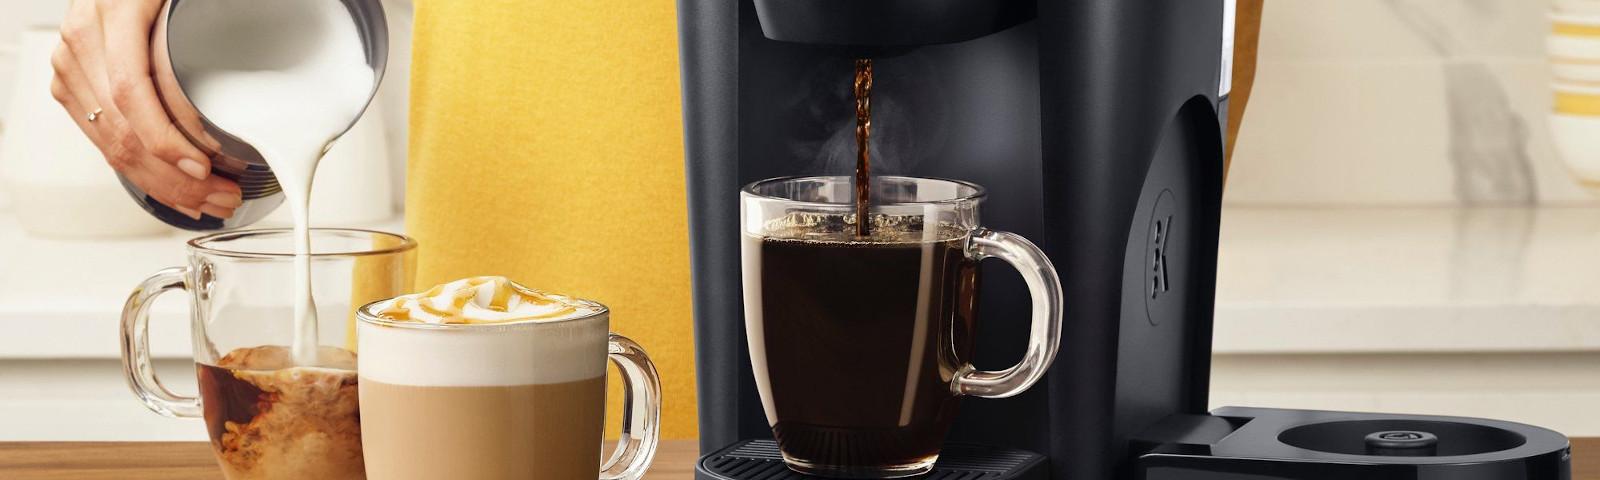 кофеварка капельная фото